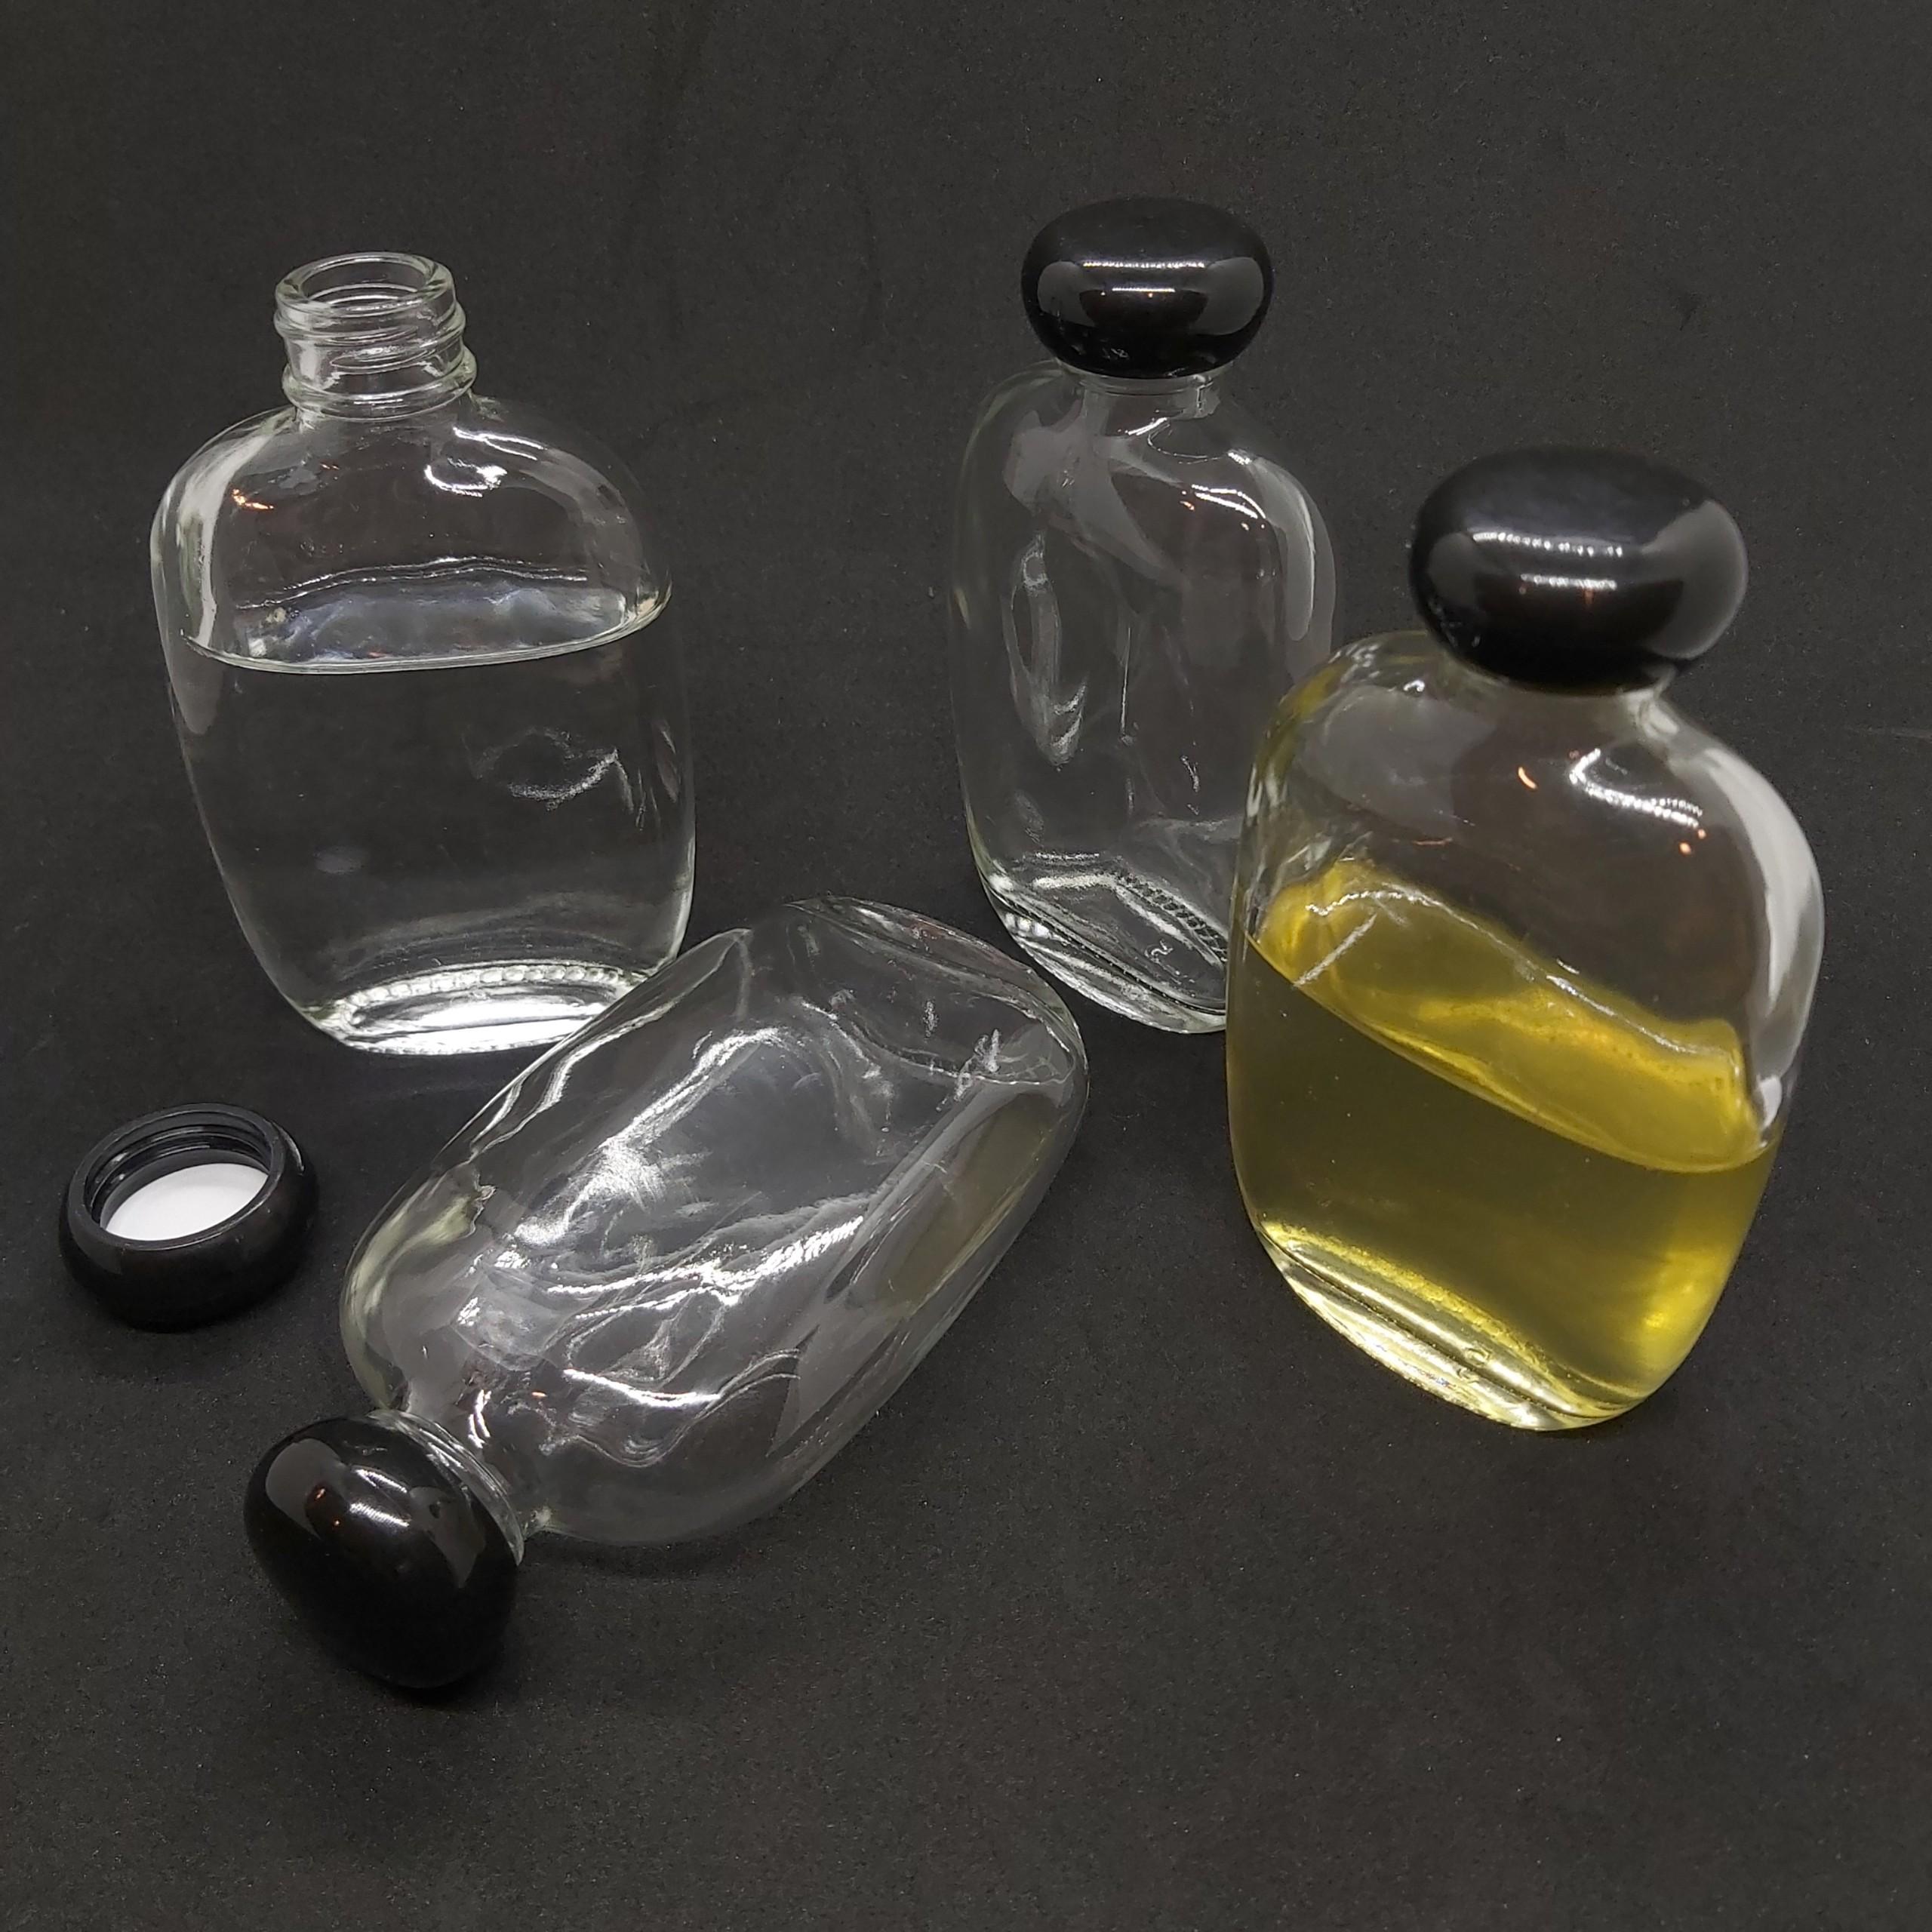 Combo 2 Chai thủy tinh 100ML BẦU DỤC - DẸT nắp nhựa đen tròn - Vỏ Chai 100ML, bình thủy tinh trong suốt